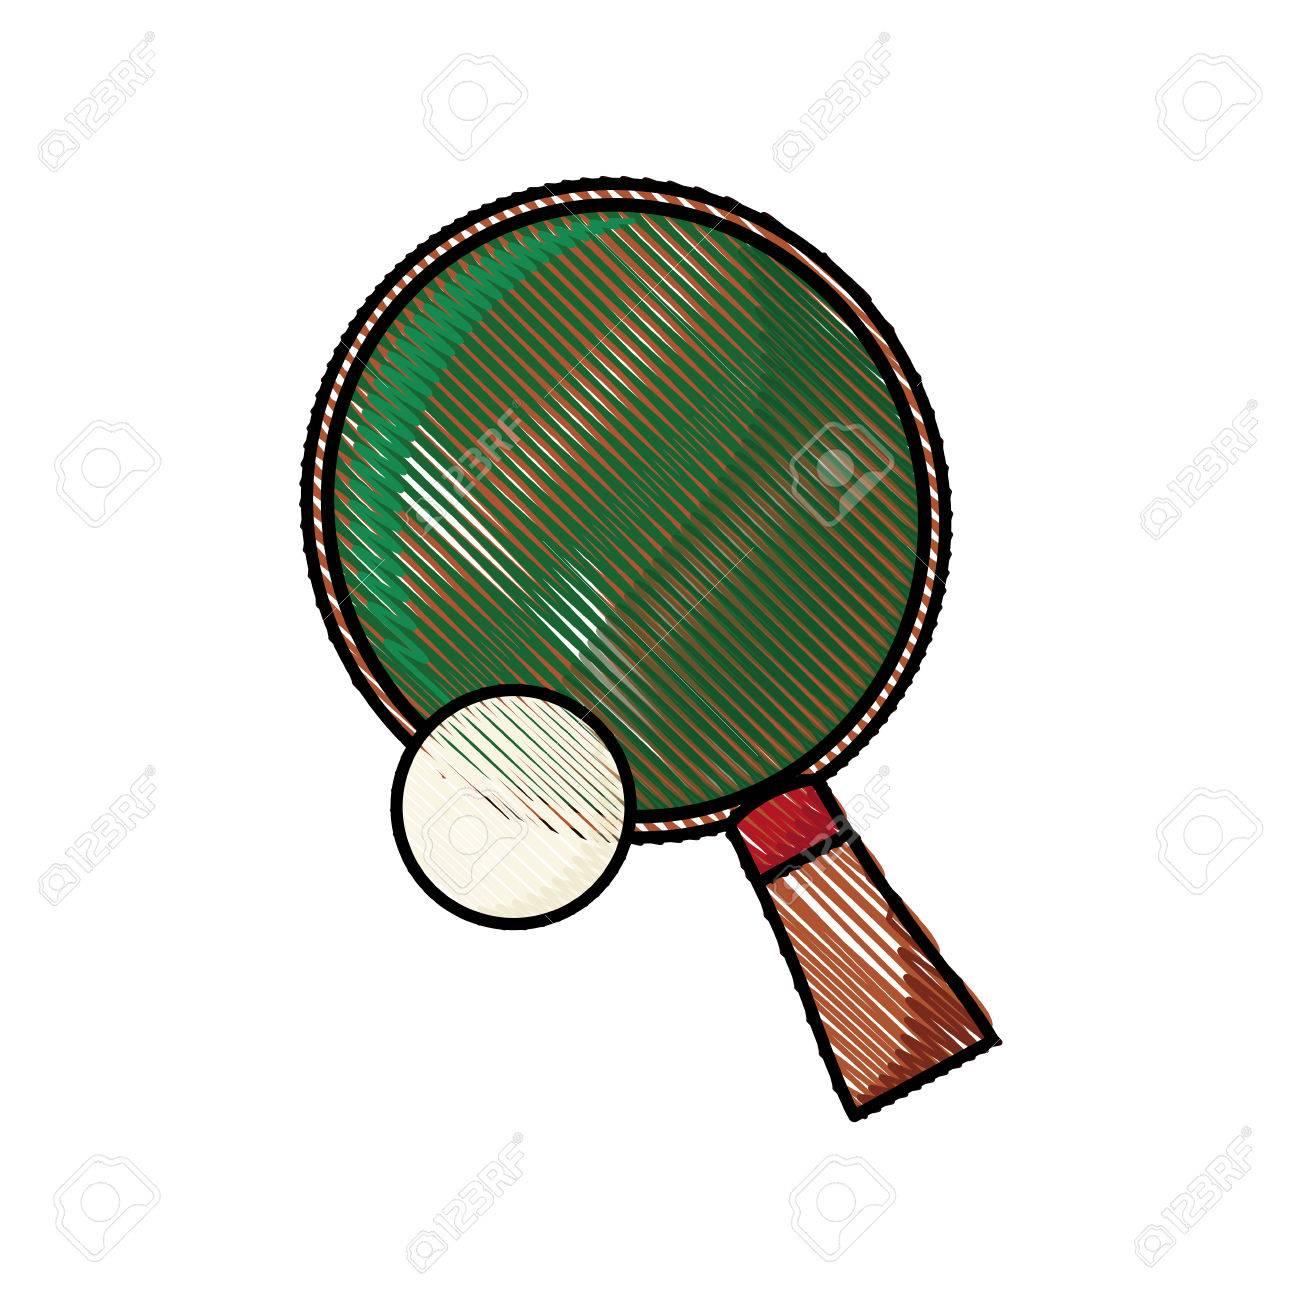 1300x1300 Drawing Racket And Ball Ping Pong Play Vector Illustration Royalty